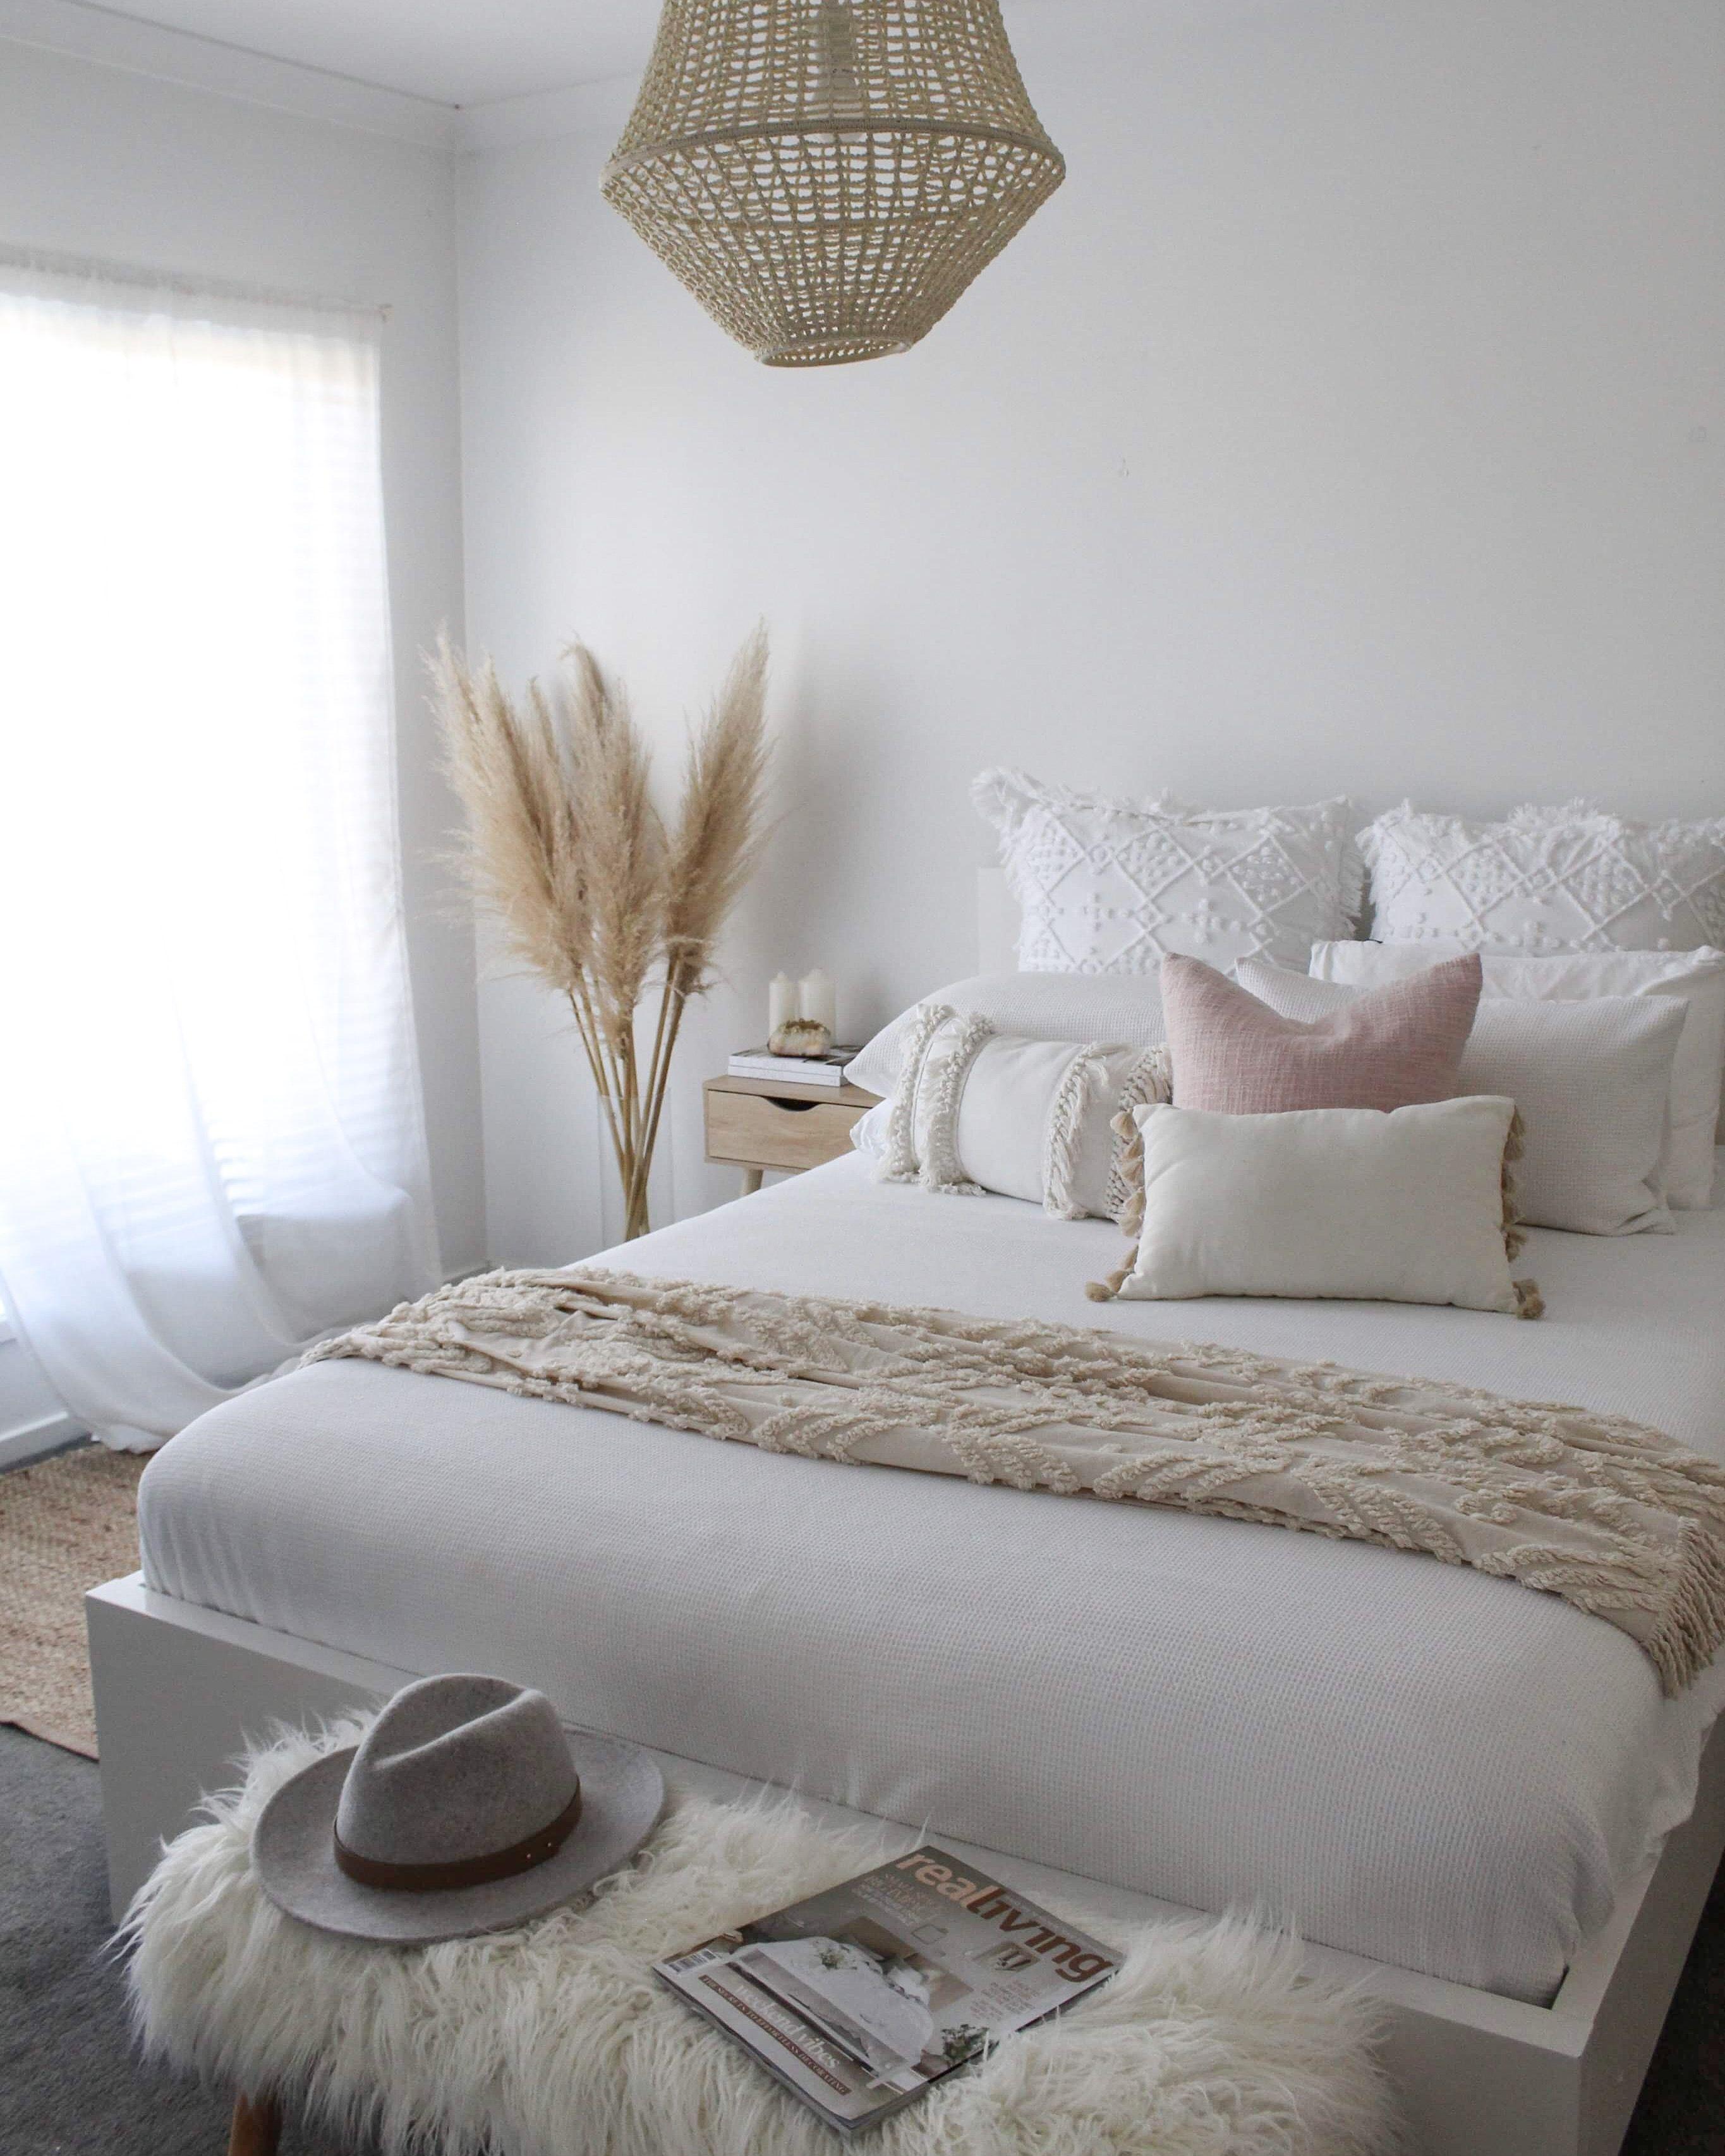 Boho Scandi Bedroom Homedecor Bedroom Kmartstyling Boho Scandinavian Das Schonste B In 2020 Zimmer Einrichten Jugendzimmer Inneneinrichtung Schlafzimmer Zimmer